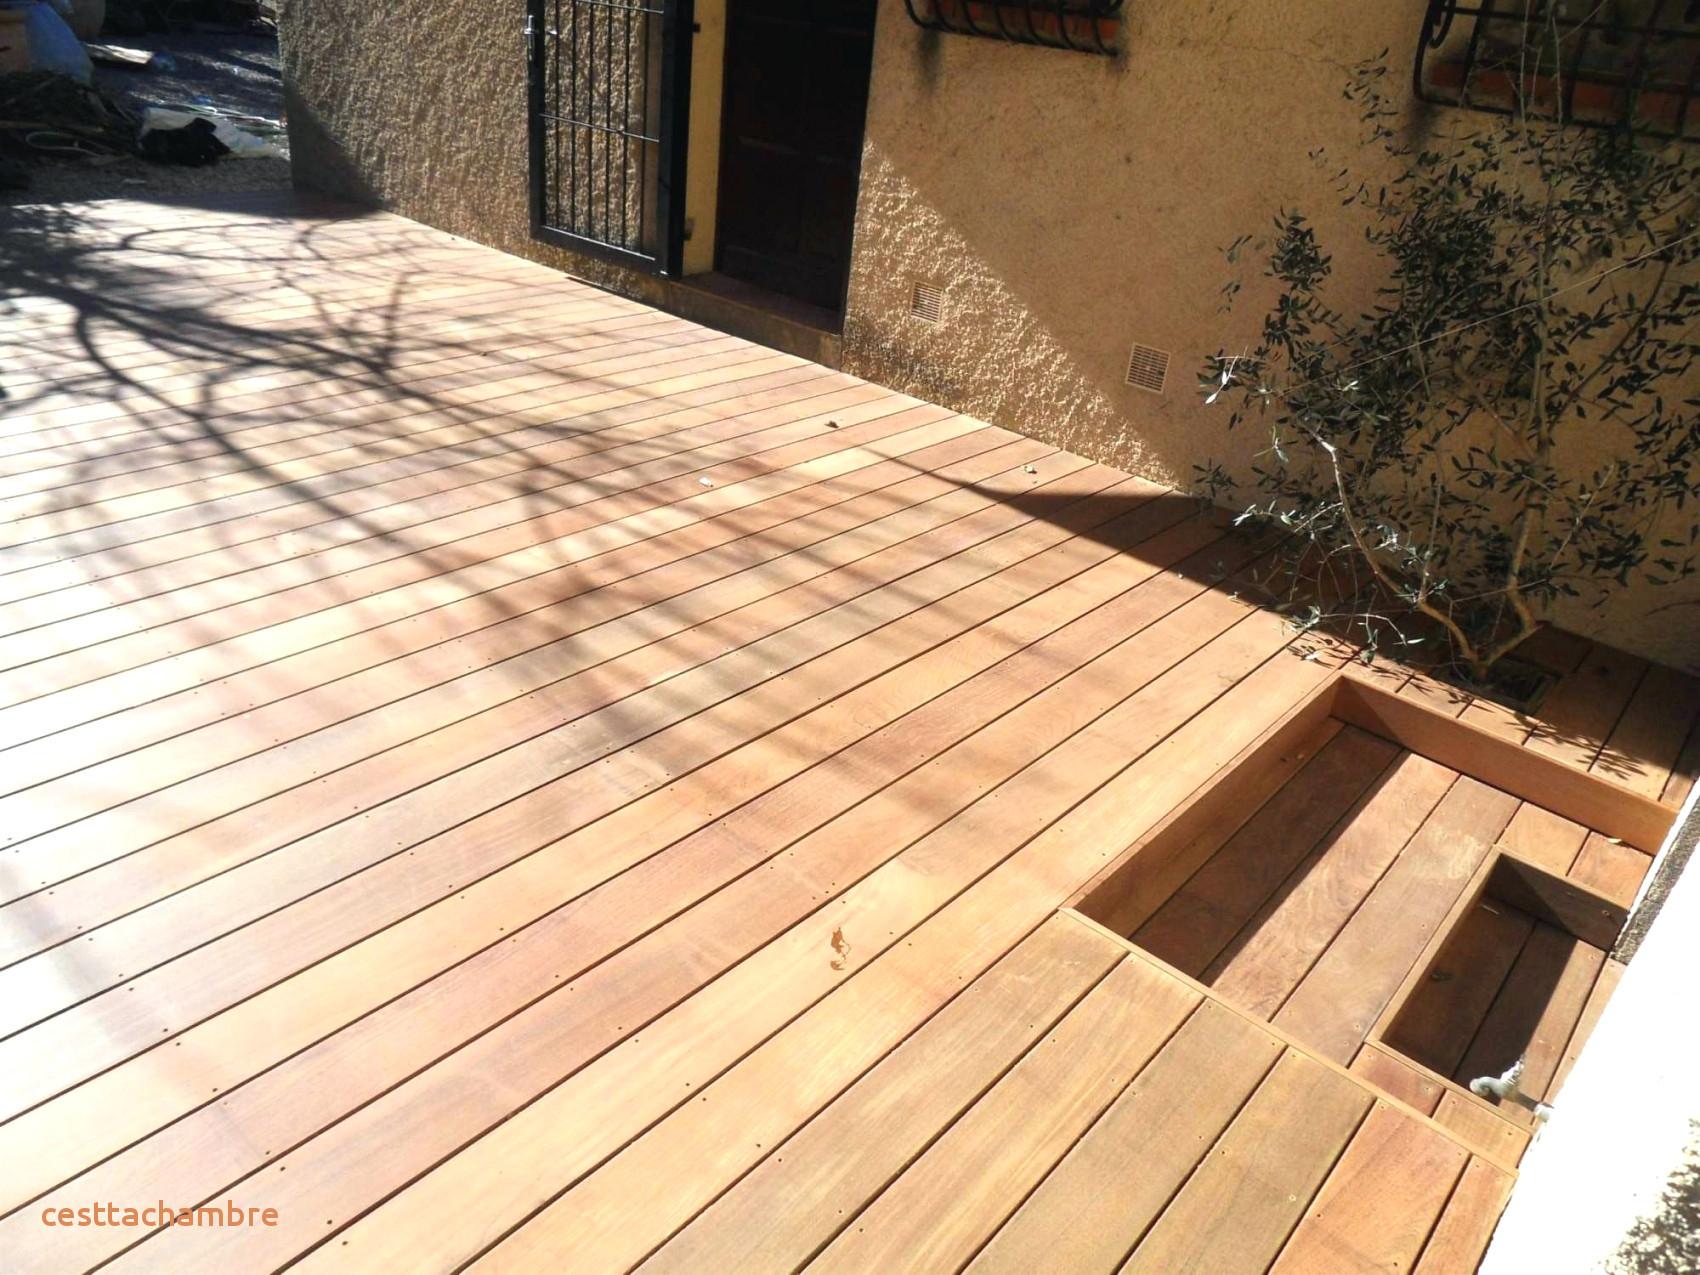 lame terrasse ipe brico depot  verandastyledeviefr